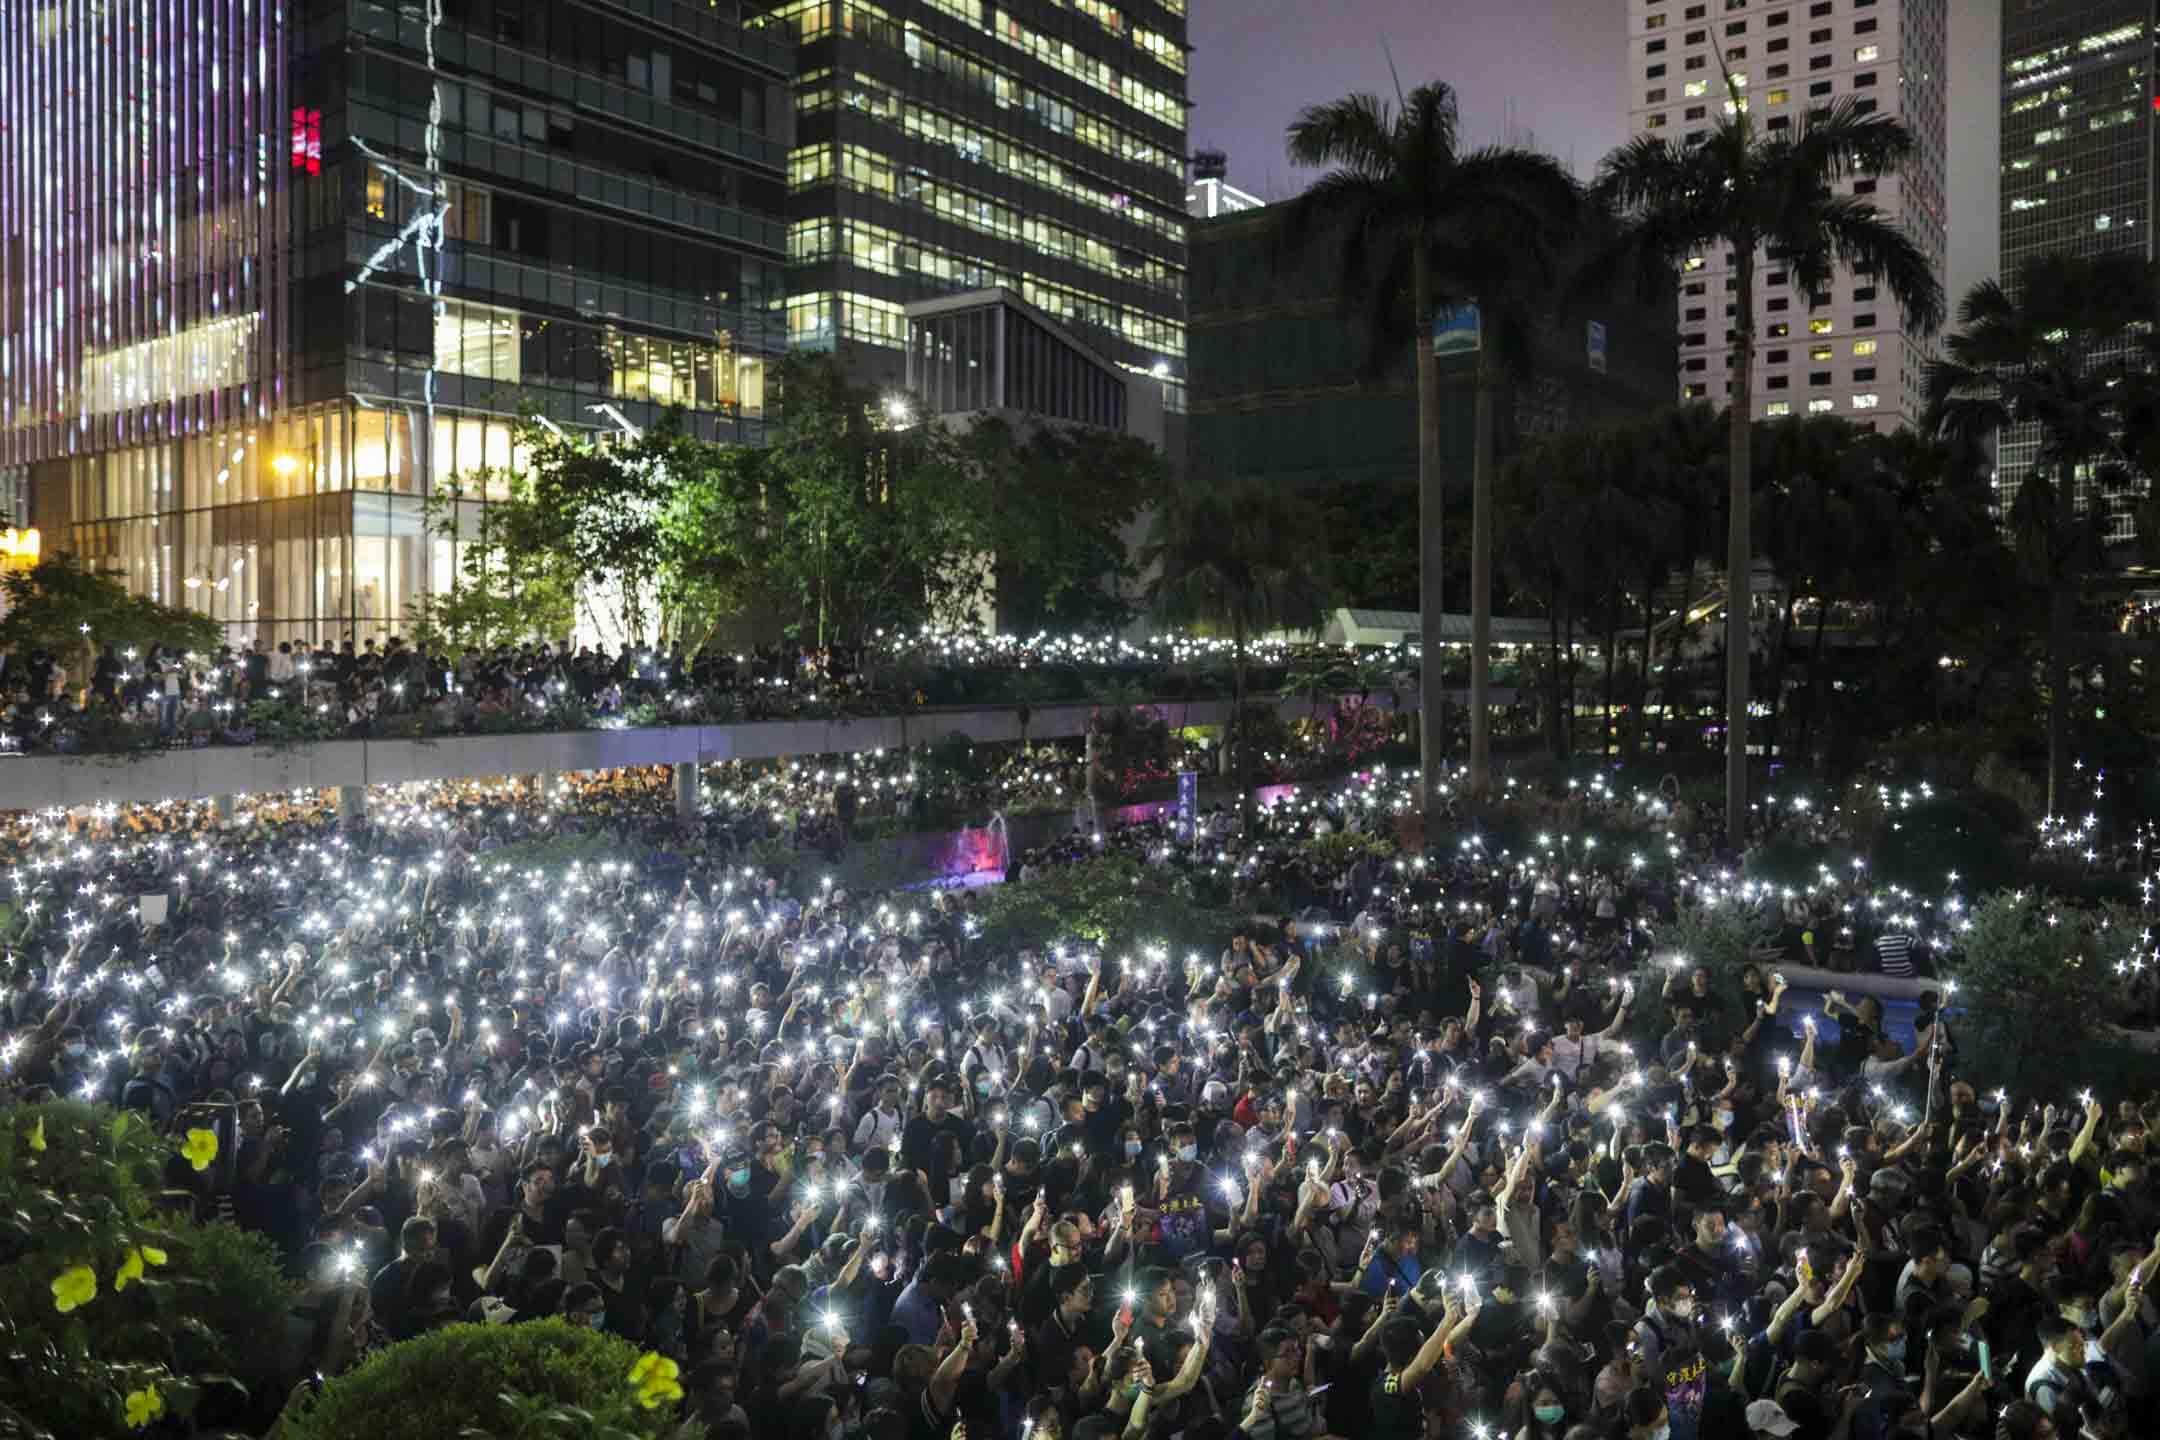 2019年8月2日,香港公務員在中環遮打花園發起的集會,全場參加者舉起手機燈。 攝:Stanley Leung/端傳媒